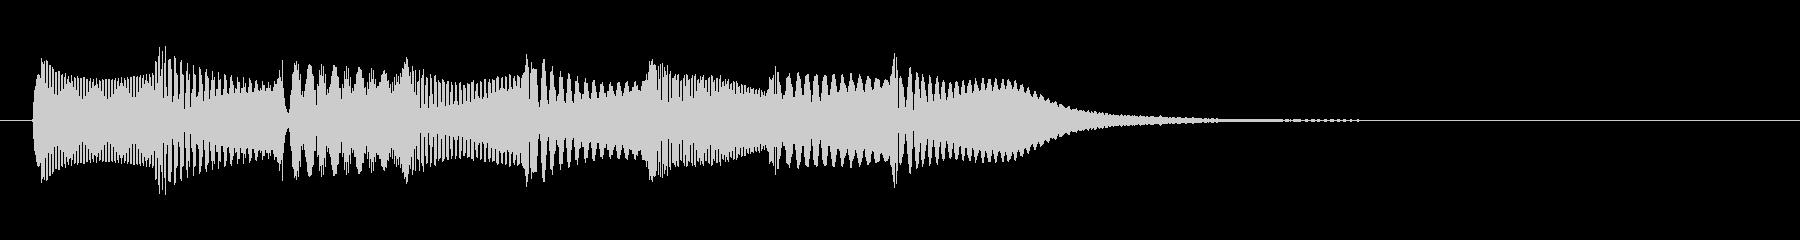 KANTシンセサウンドジングル62の未再生の波形